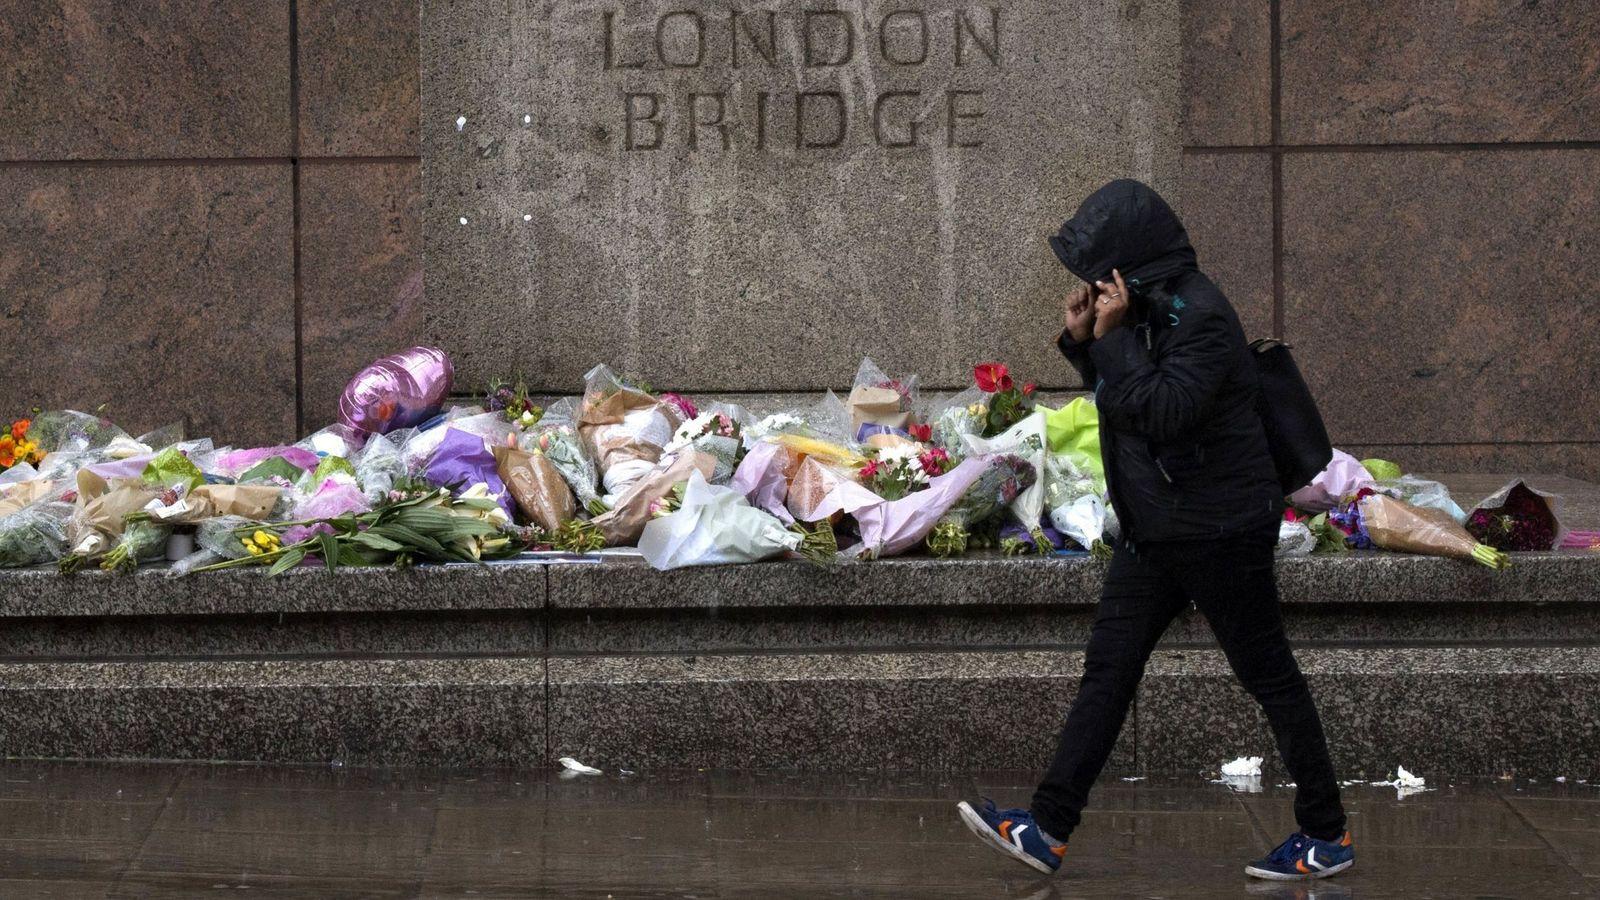 Foto: Actos en recuerdo de las vÍctimas del atentado en Londres. (EFE)